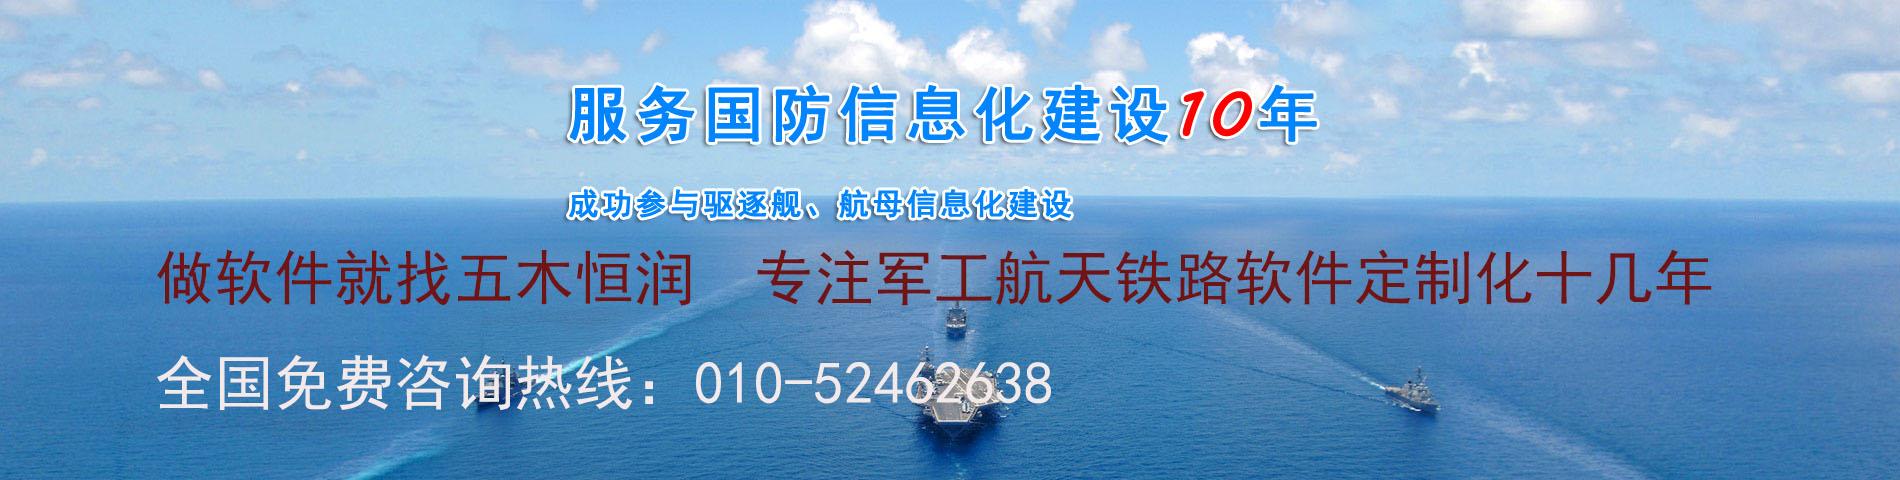 智能岗哨枪支离位报警管理系统-北京软件开发公司华盛恒辉